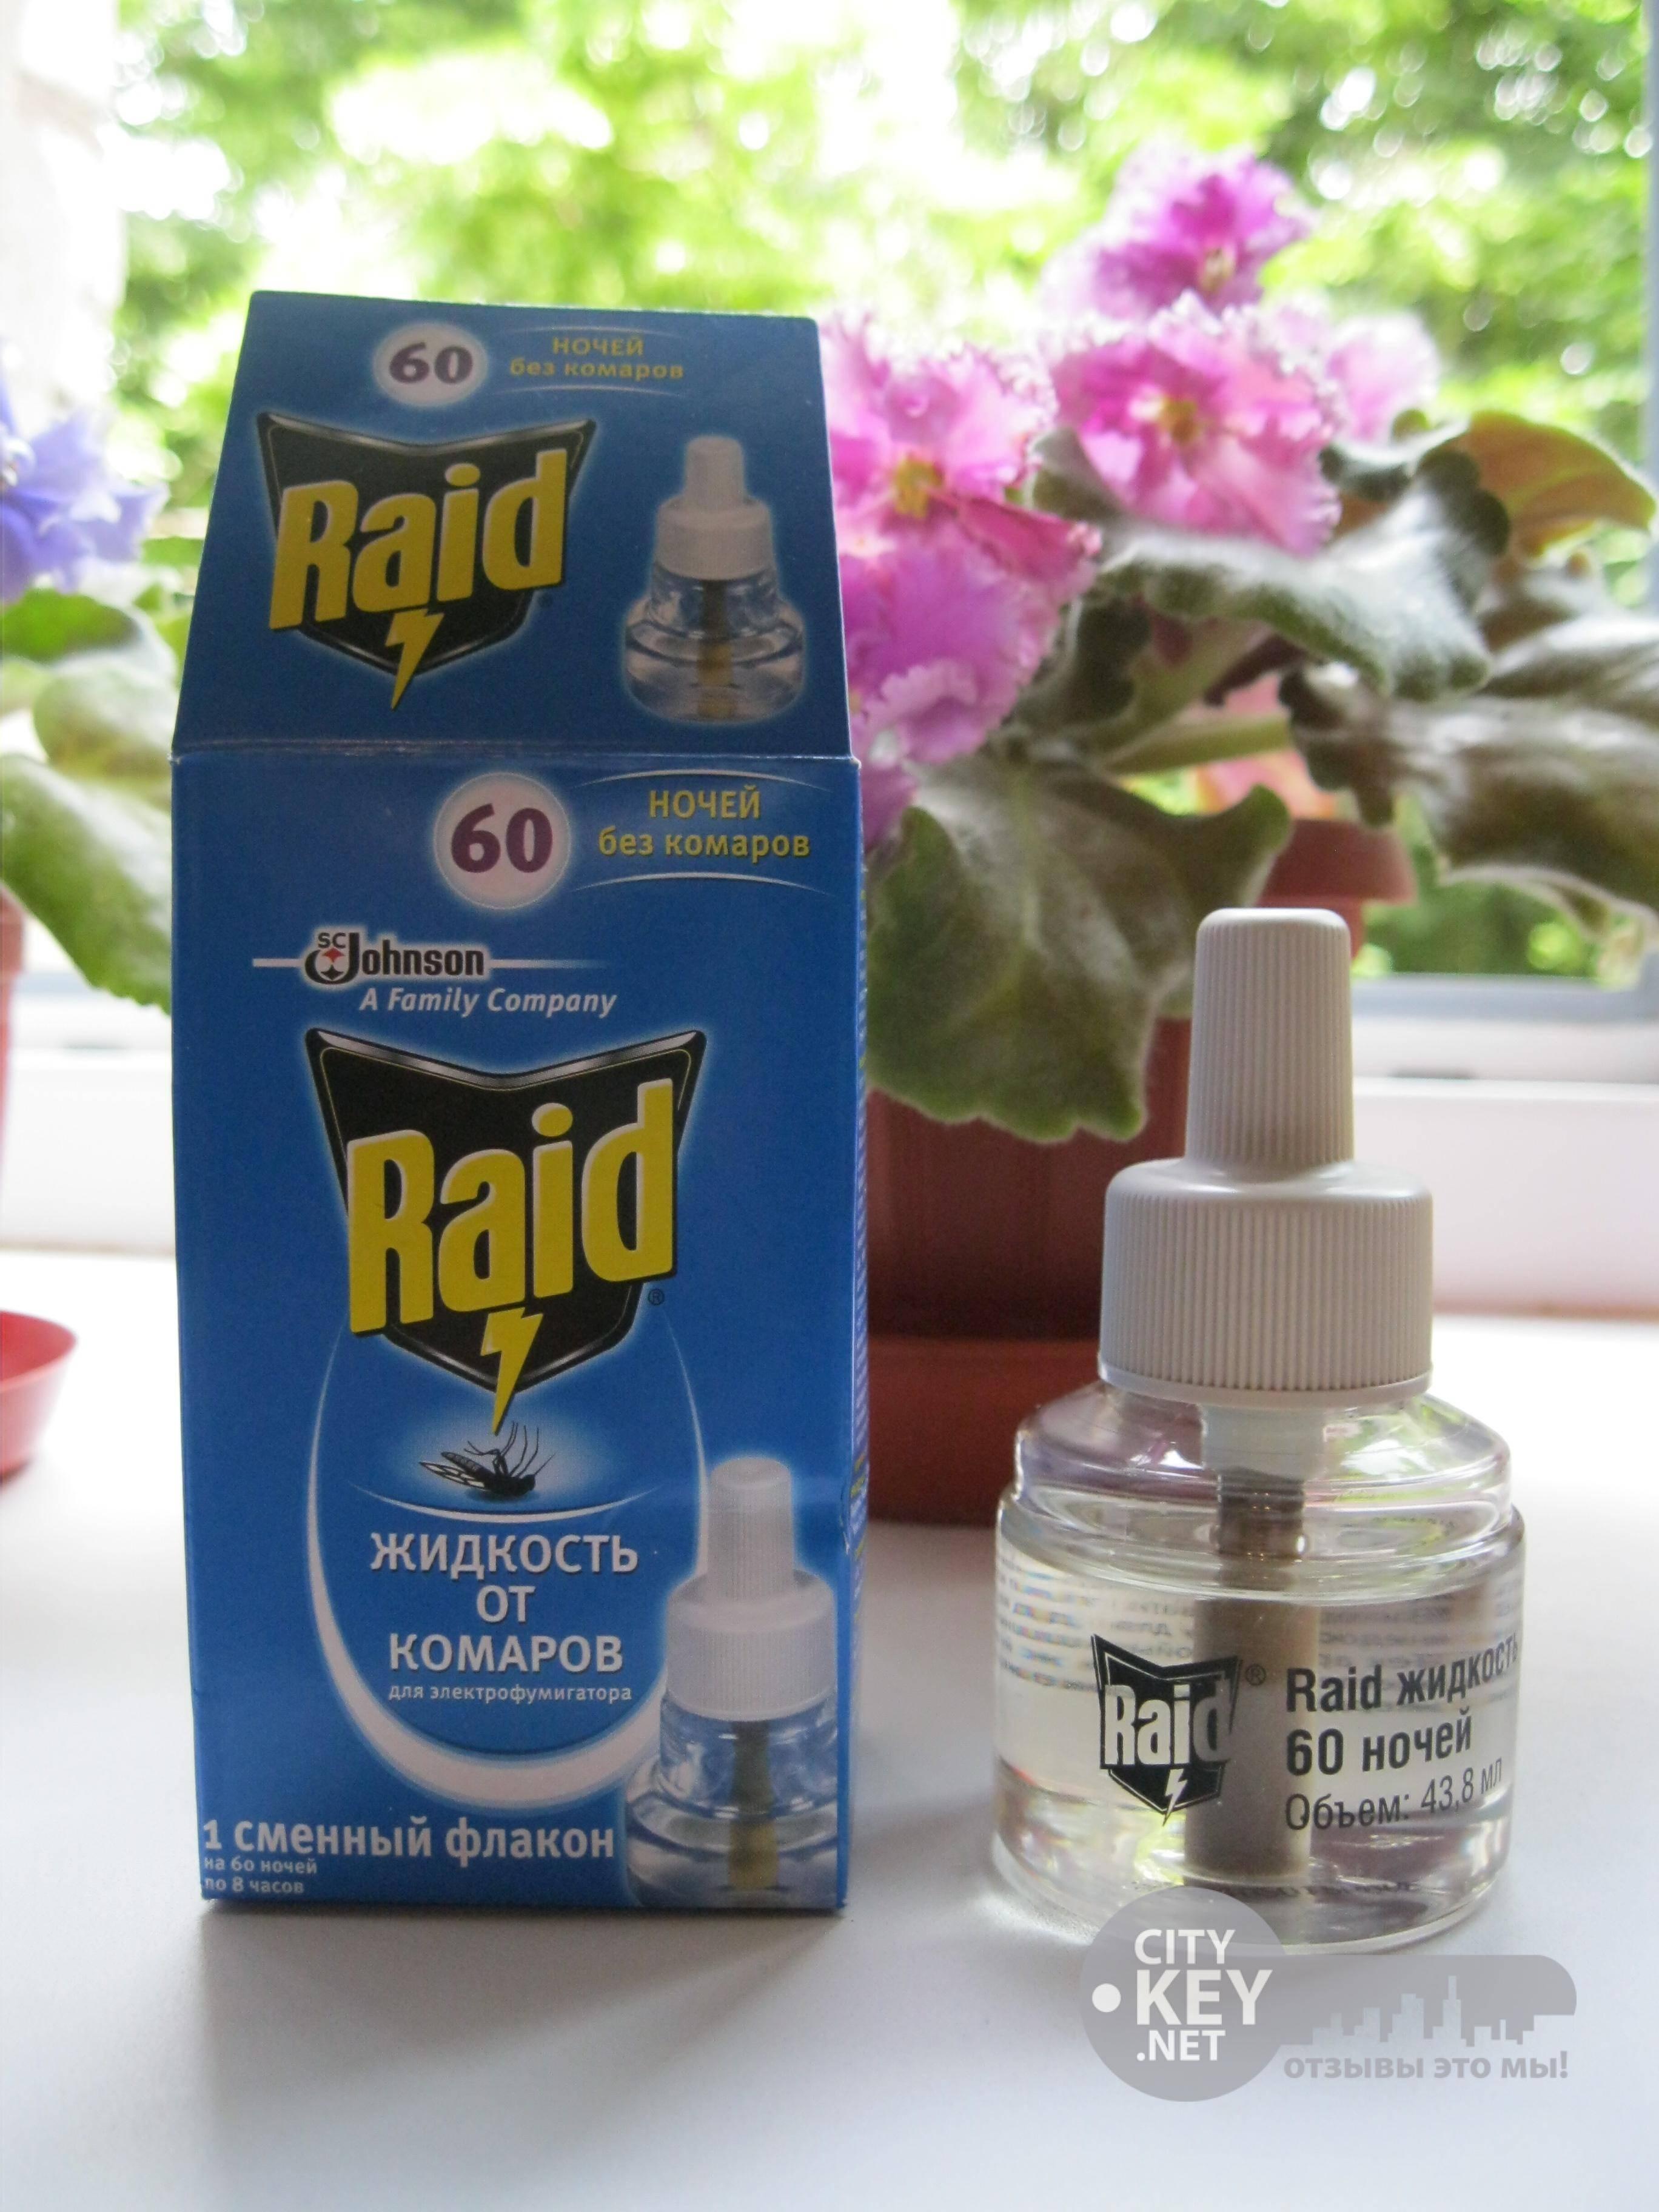 Raid (рэйд) жидкость от комаров, 22 мл